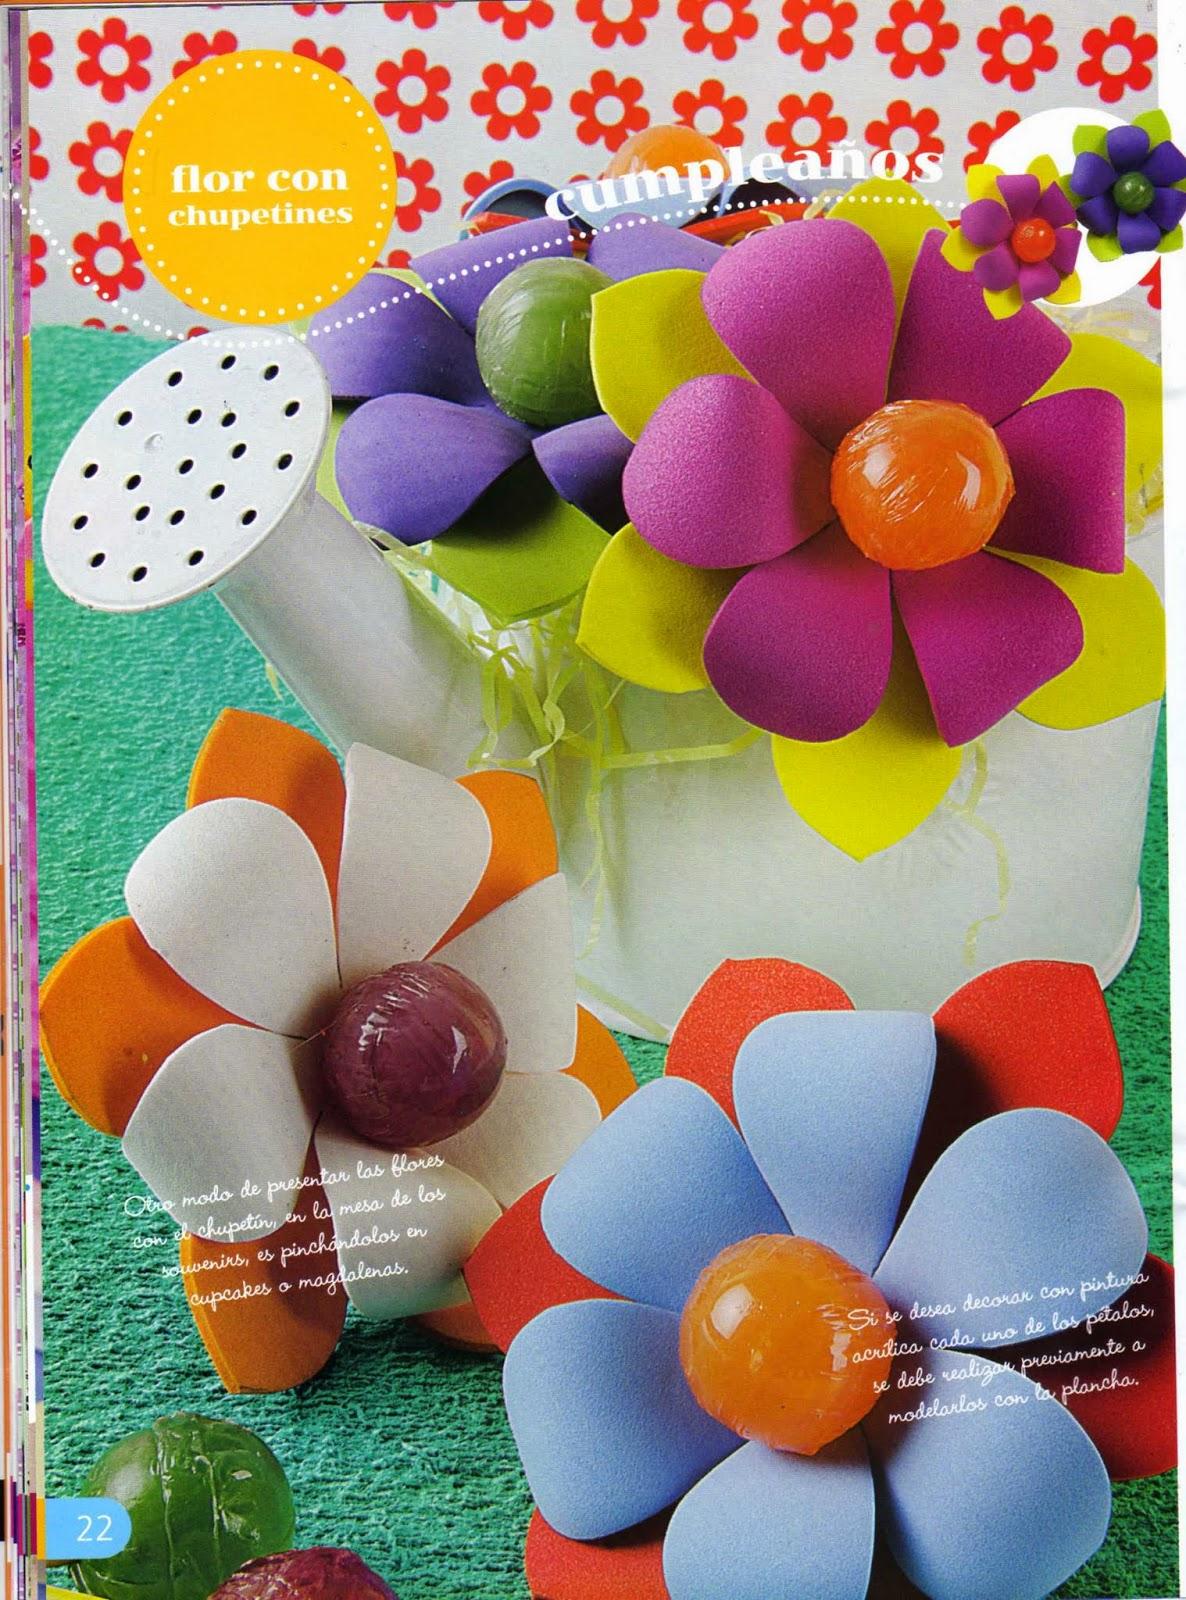 souvenirs con goma eva paso a paso revistas de On manualidades con goma eva paso a paso para ninos